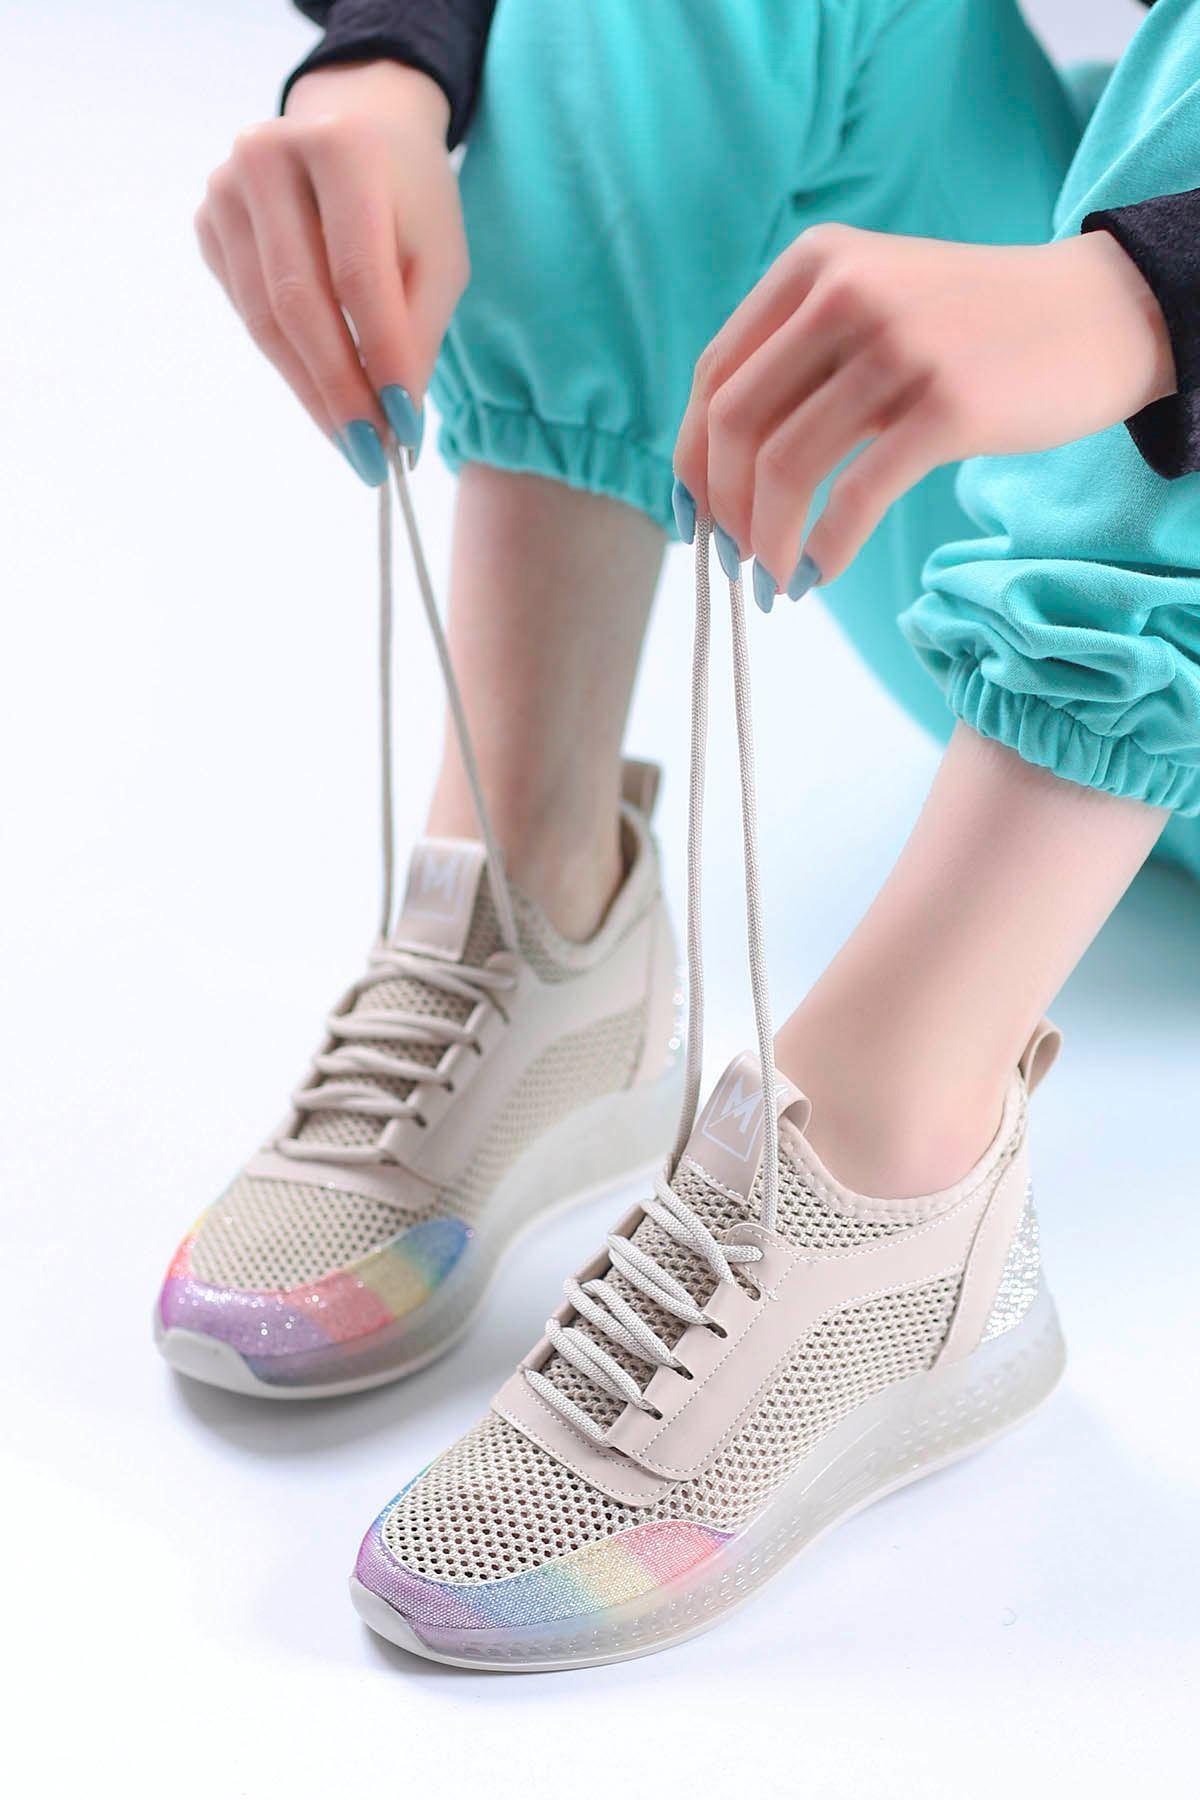 Sindirella Jel Taban Triko Spor Ayakkabı Bej